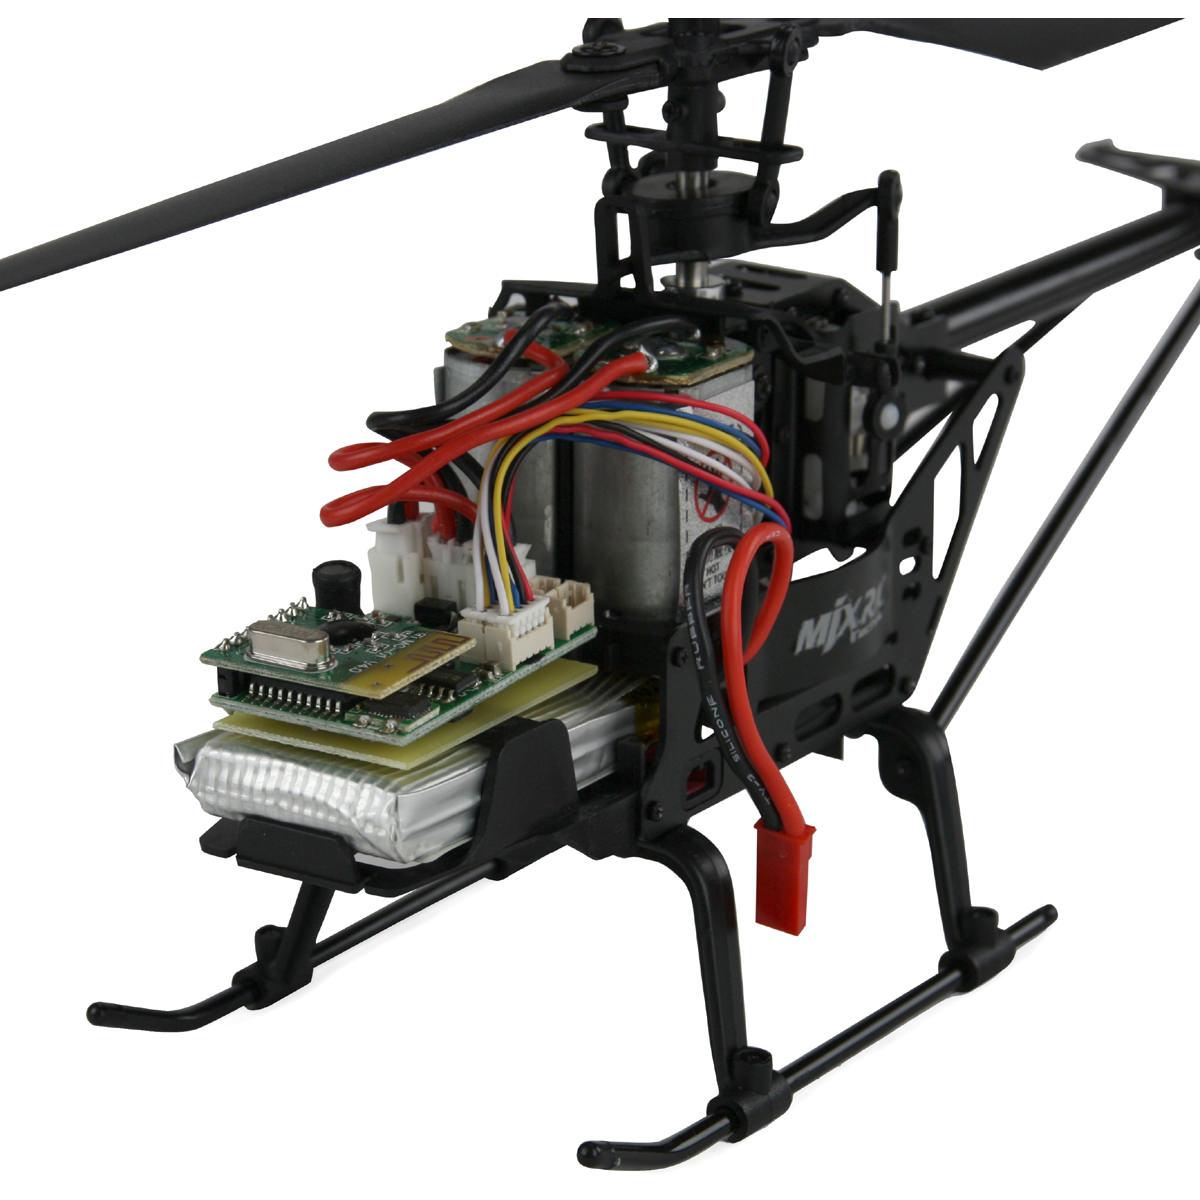 Máy bay trực thăng điều khiển 4 kênh MJX F29